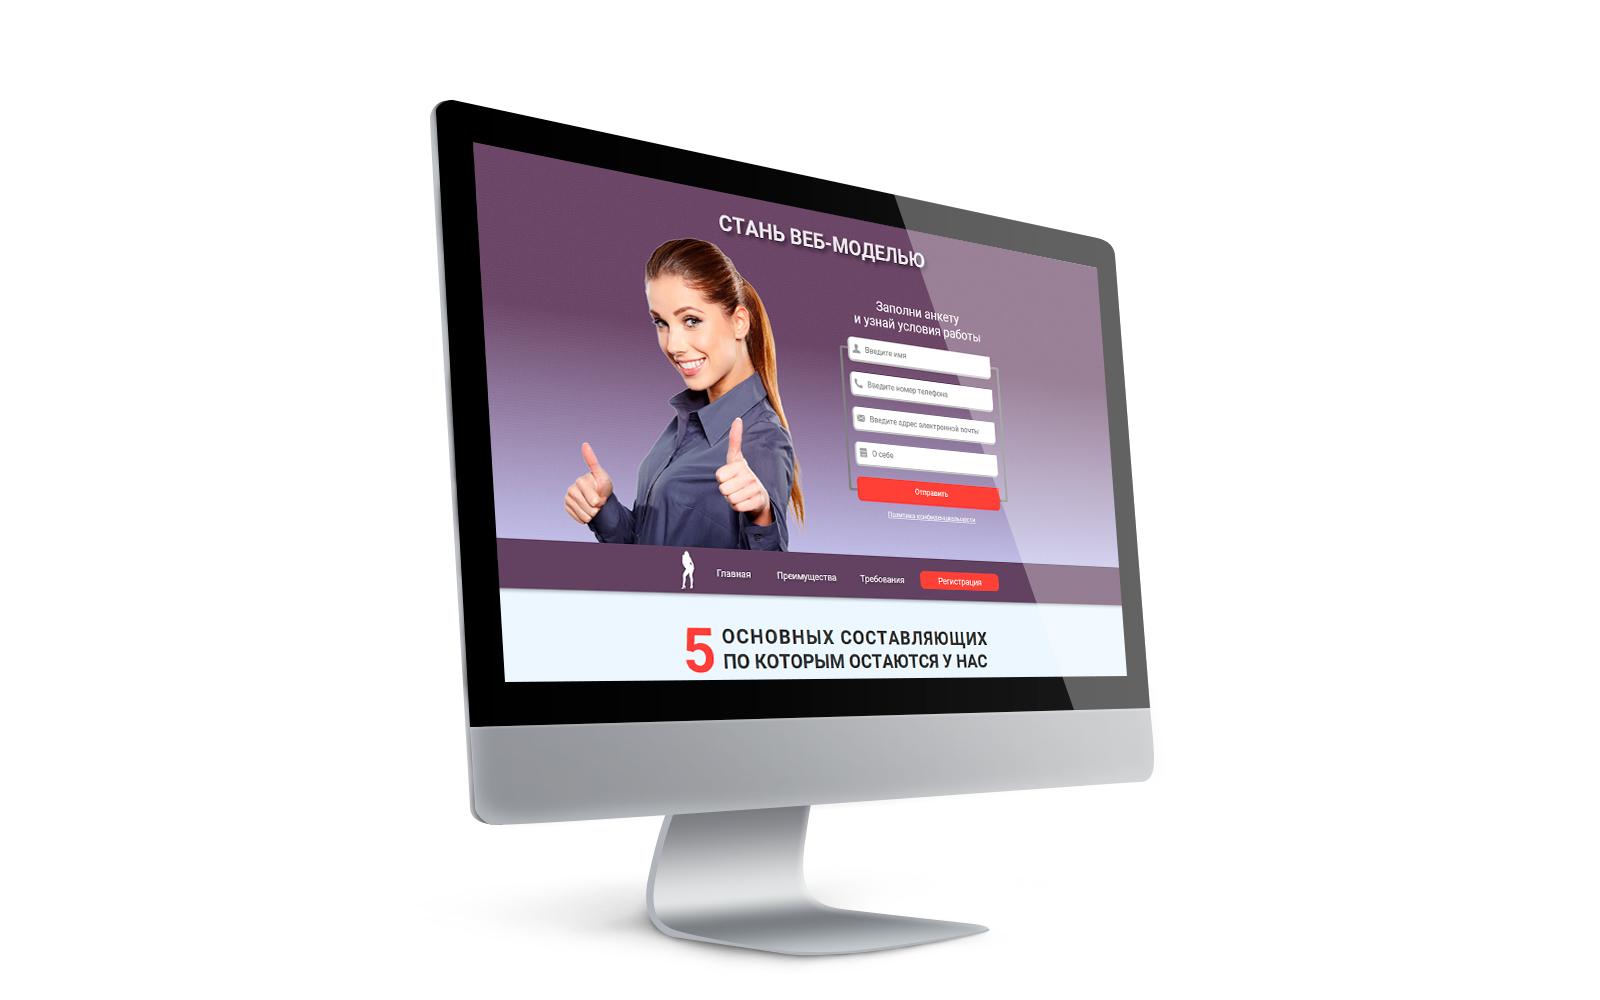 Сайты фриланс для моделей удаленной работе при полном рабочем дне